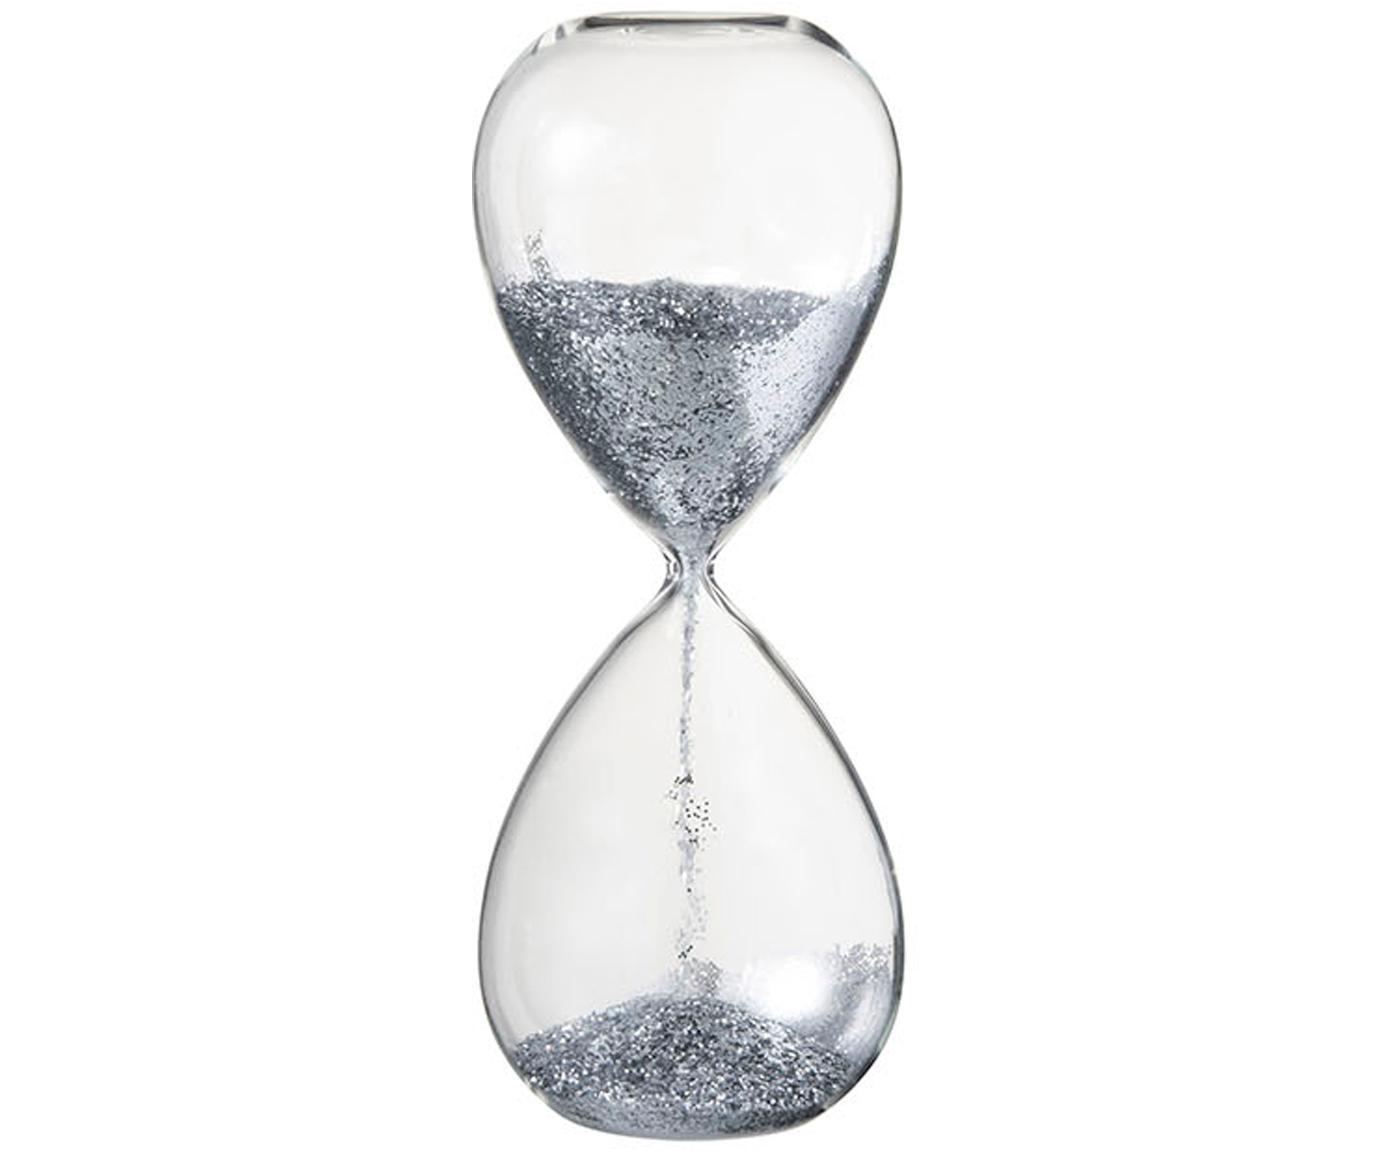 Reloj de arena Perleen, Recipiente: vidrio, Transparente, plateado, Ø 7 x Al 16 cm